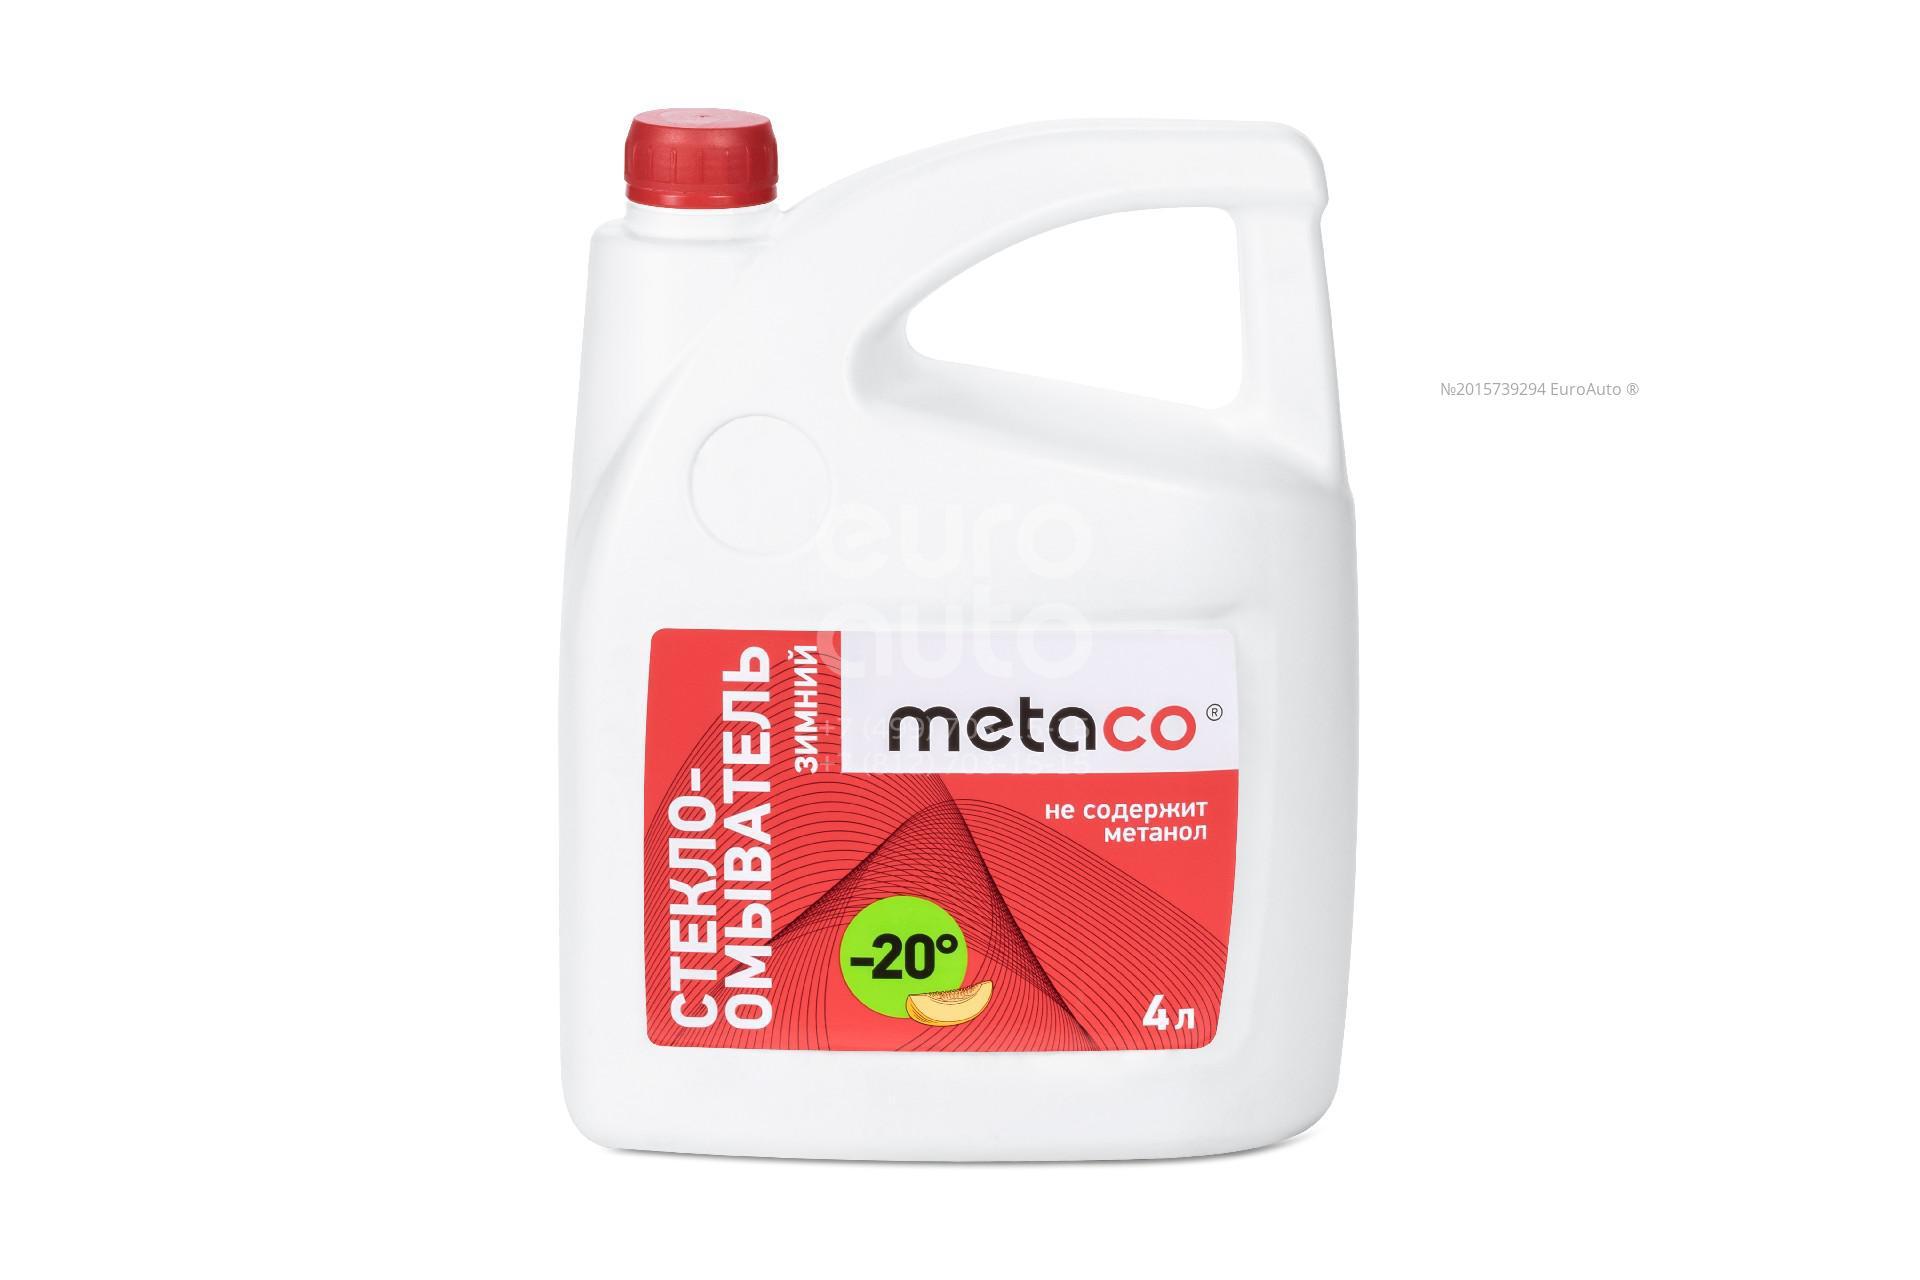 Жидкость омывателя METACO. ЗИМНЯЯ -20C 4Л - Фото №1